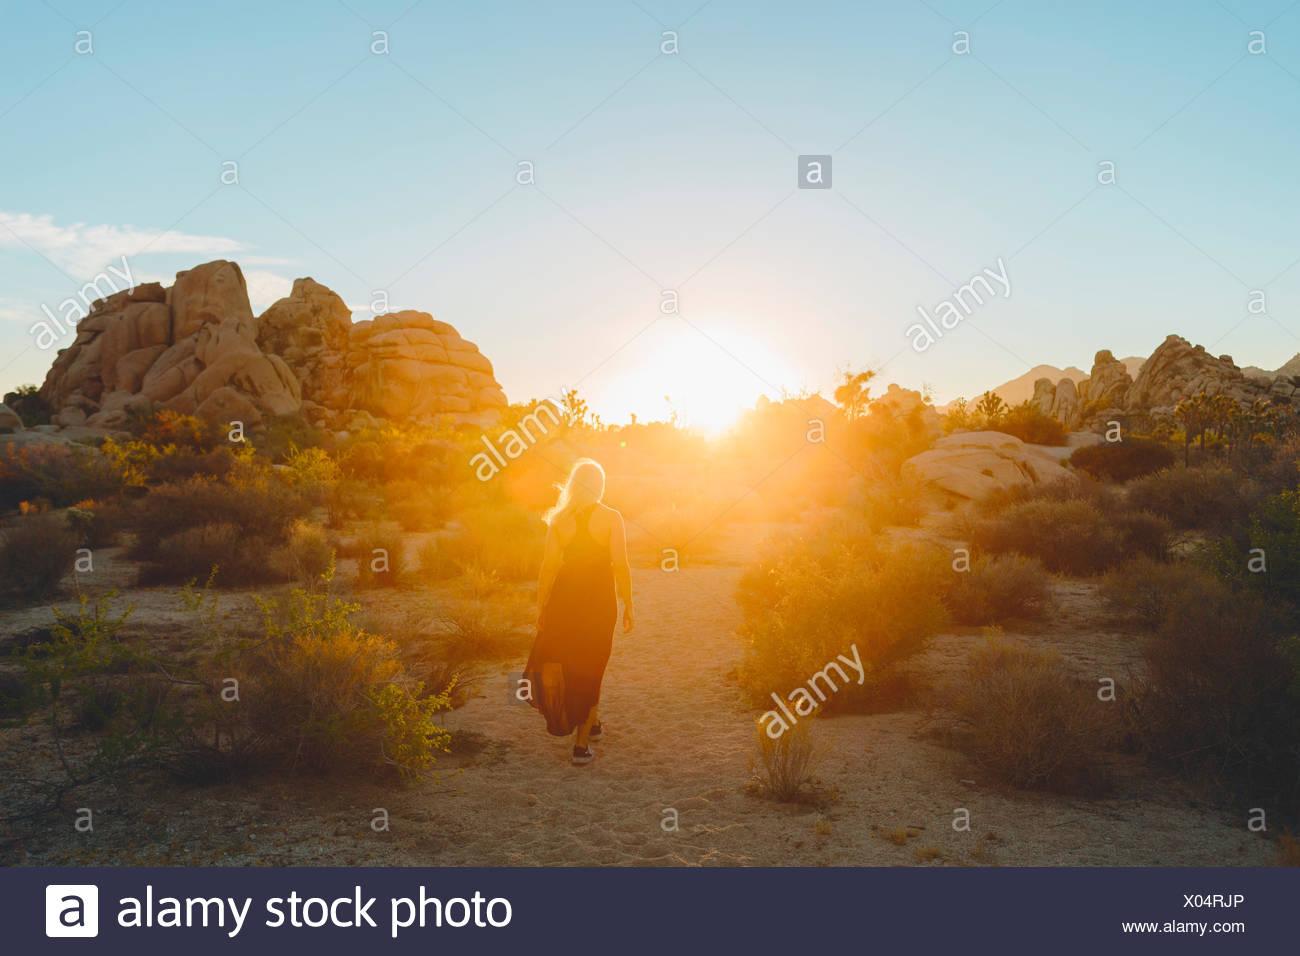 Stati Uniti, California, Joshua Tree National Park, donna che indossa abiti escursionismo al tramonto Immagini Stock